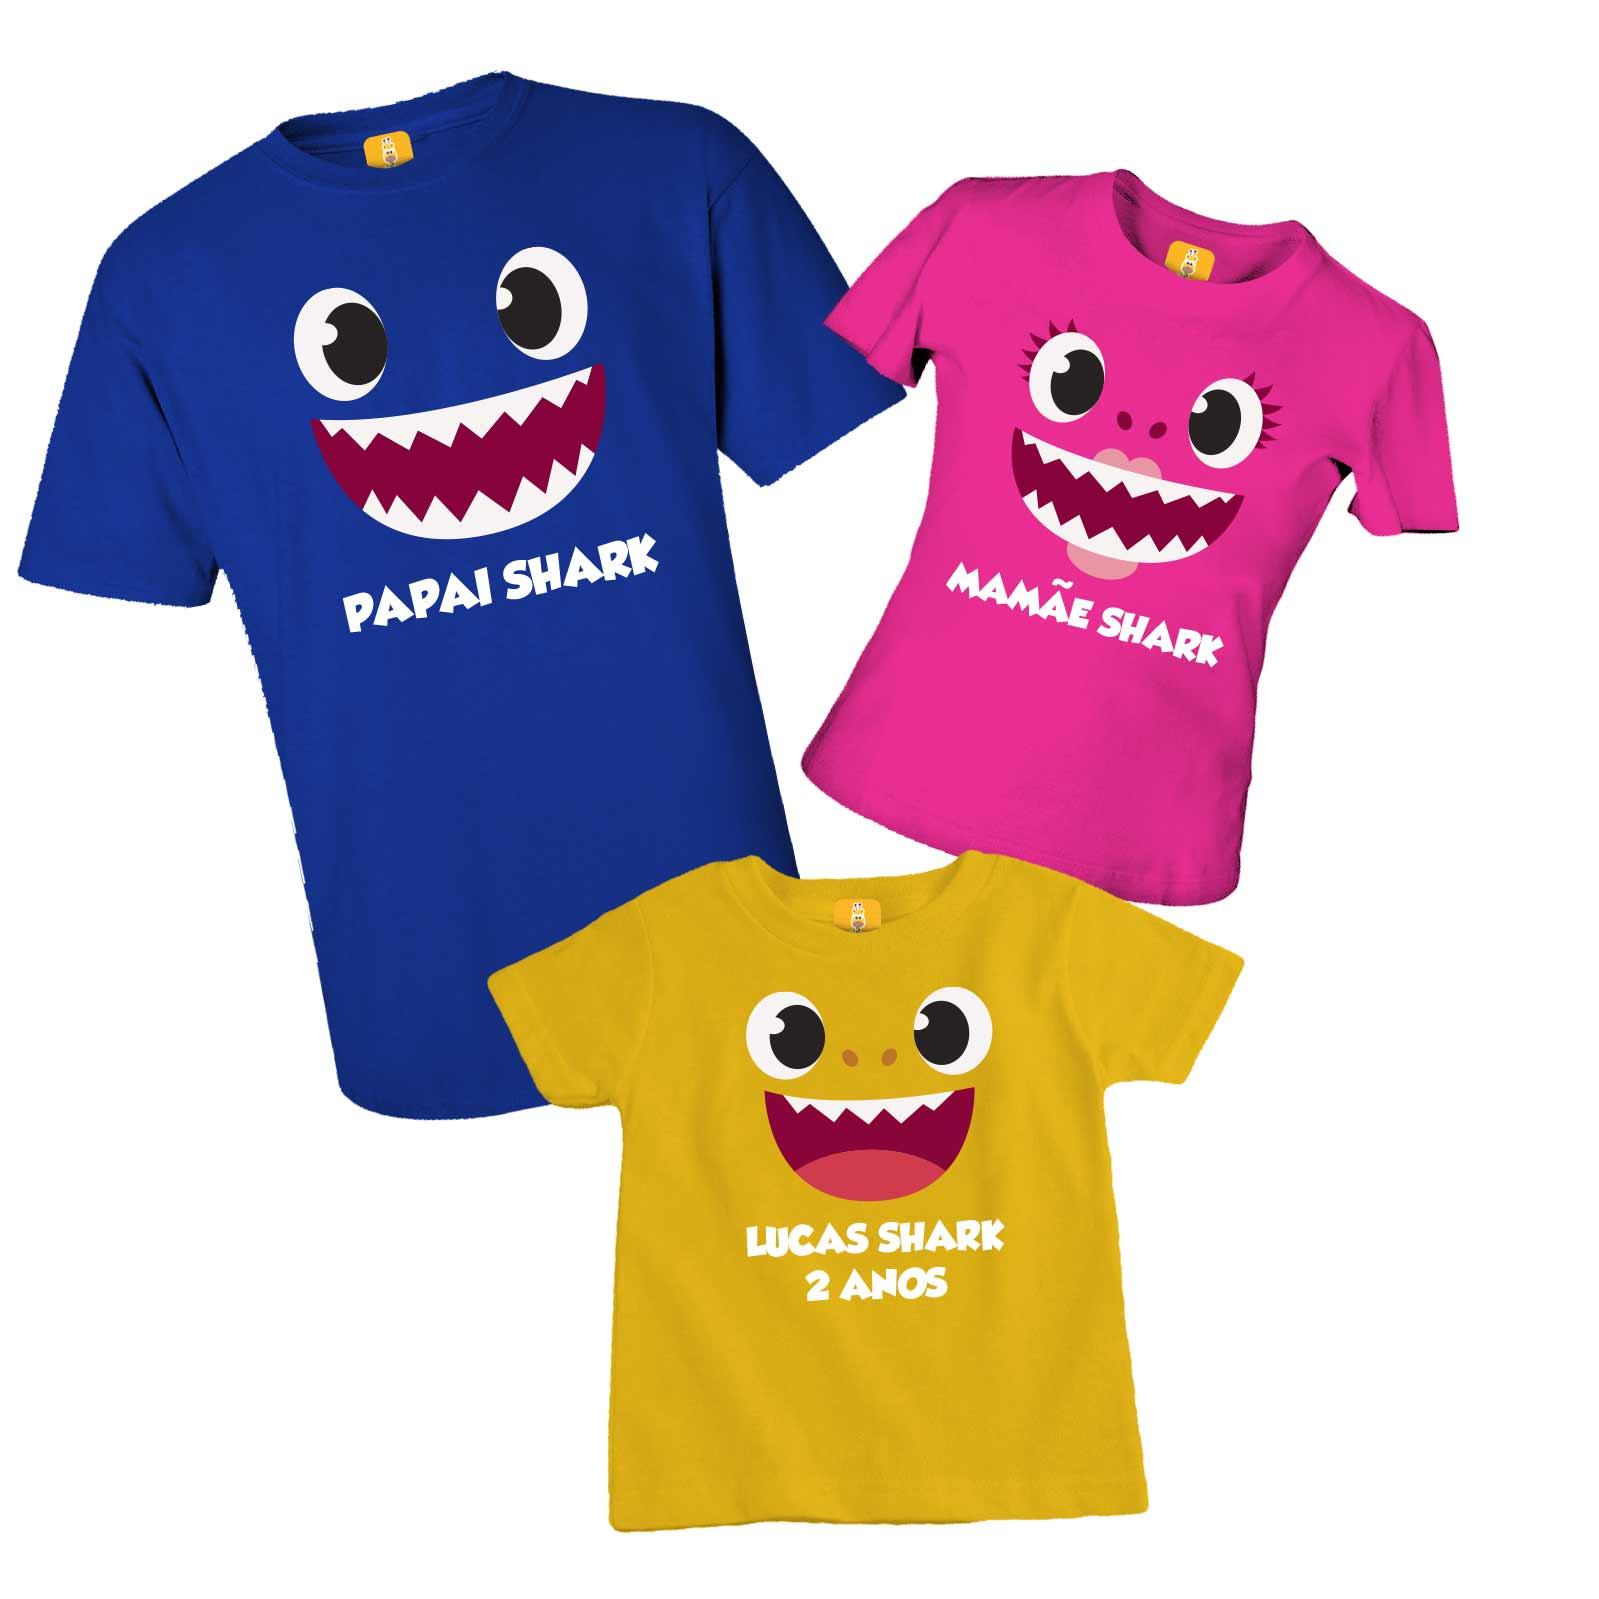 Kit camiseta de aniversário com 3 peças - Baby shark